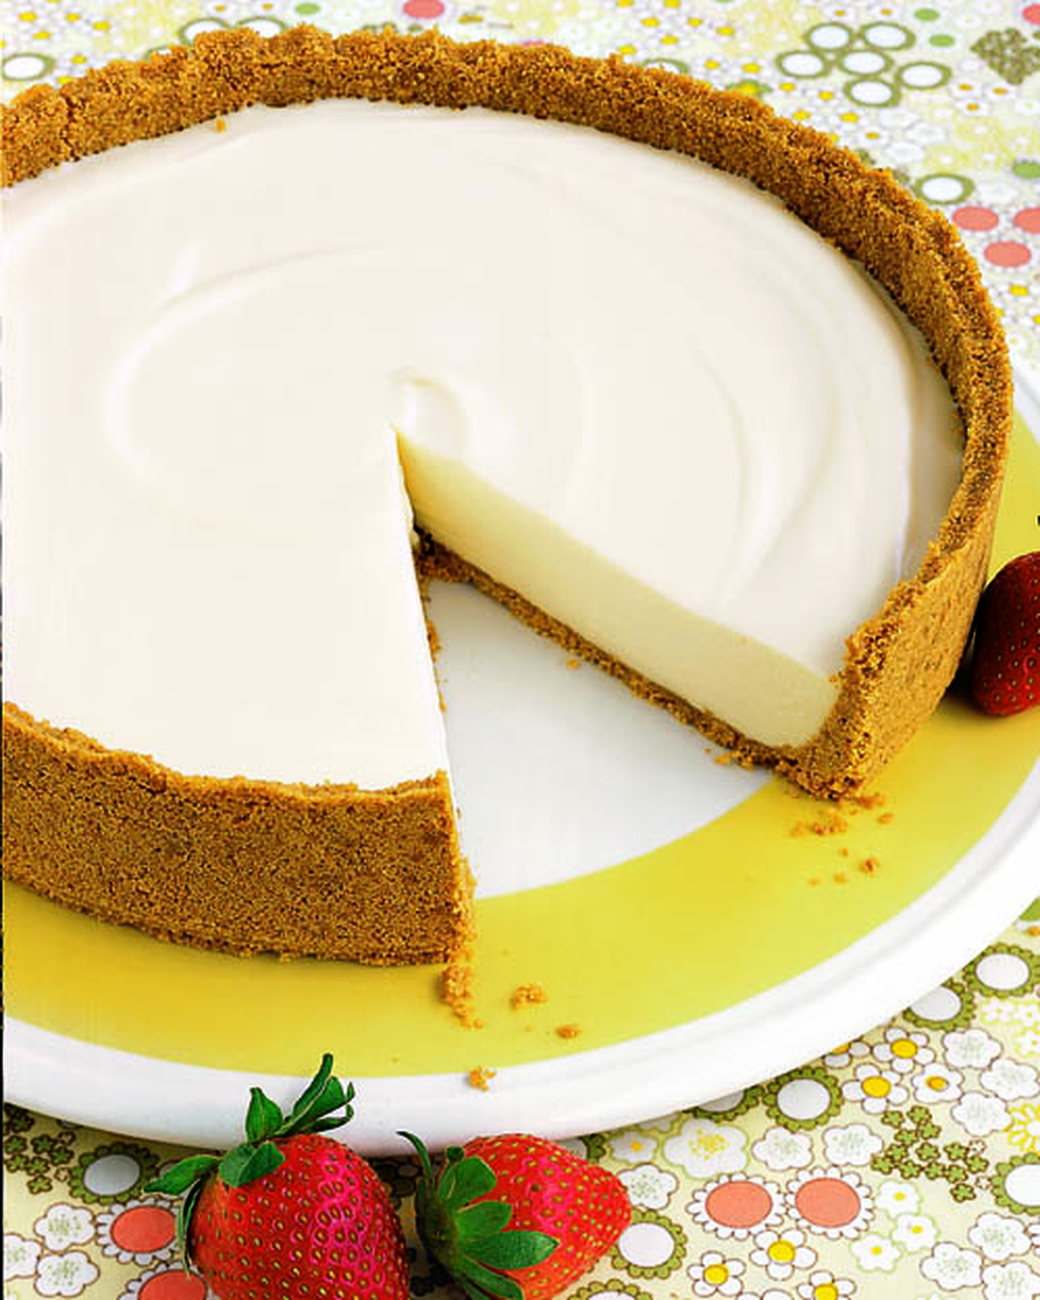 http://www.marthastewart.com/858246/no-bake-cheesecake